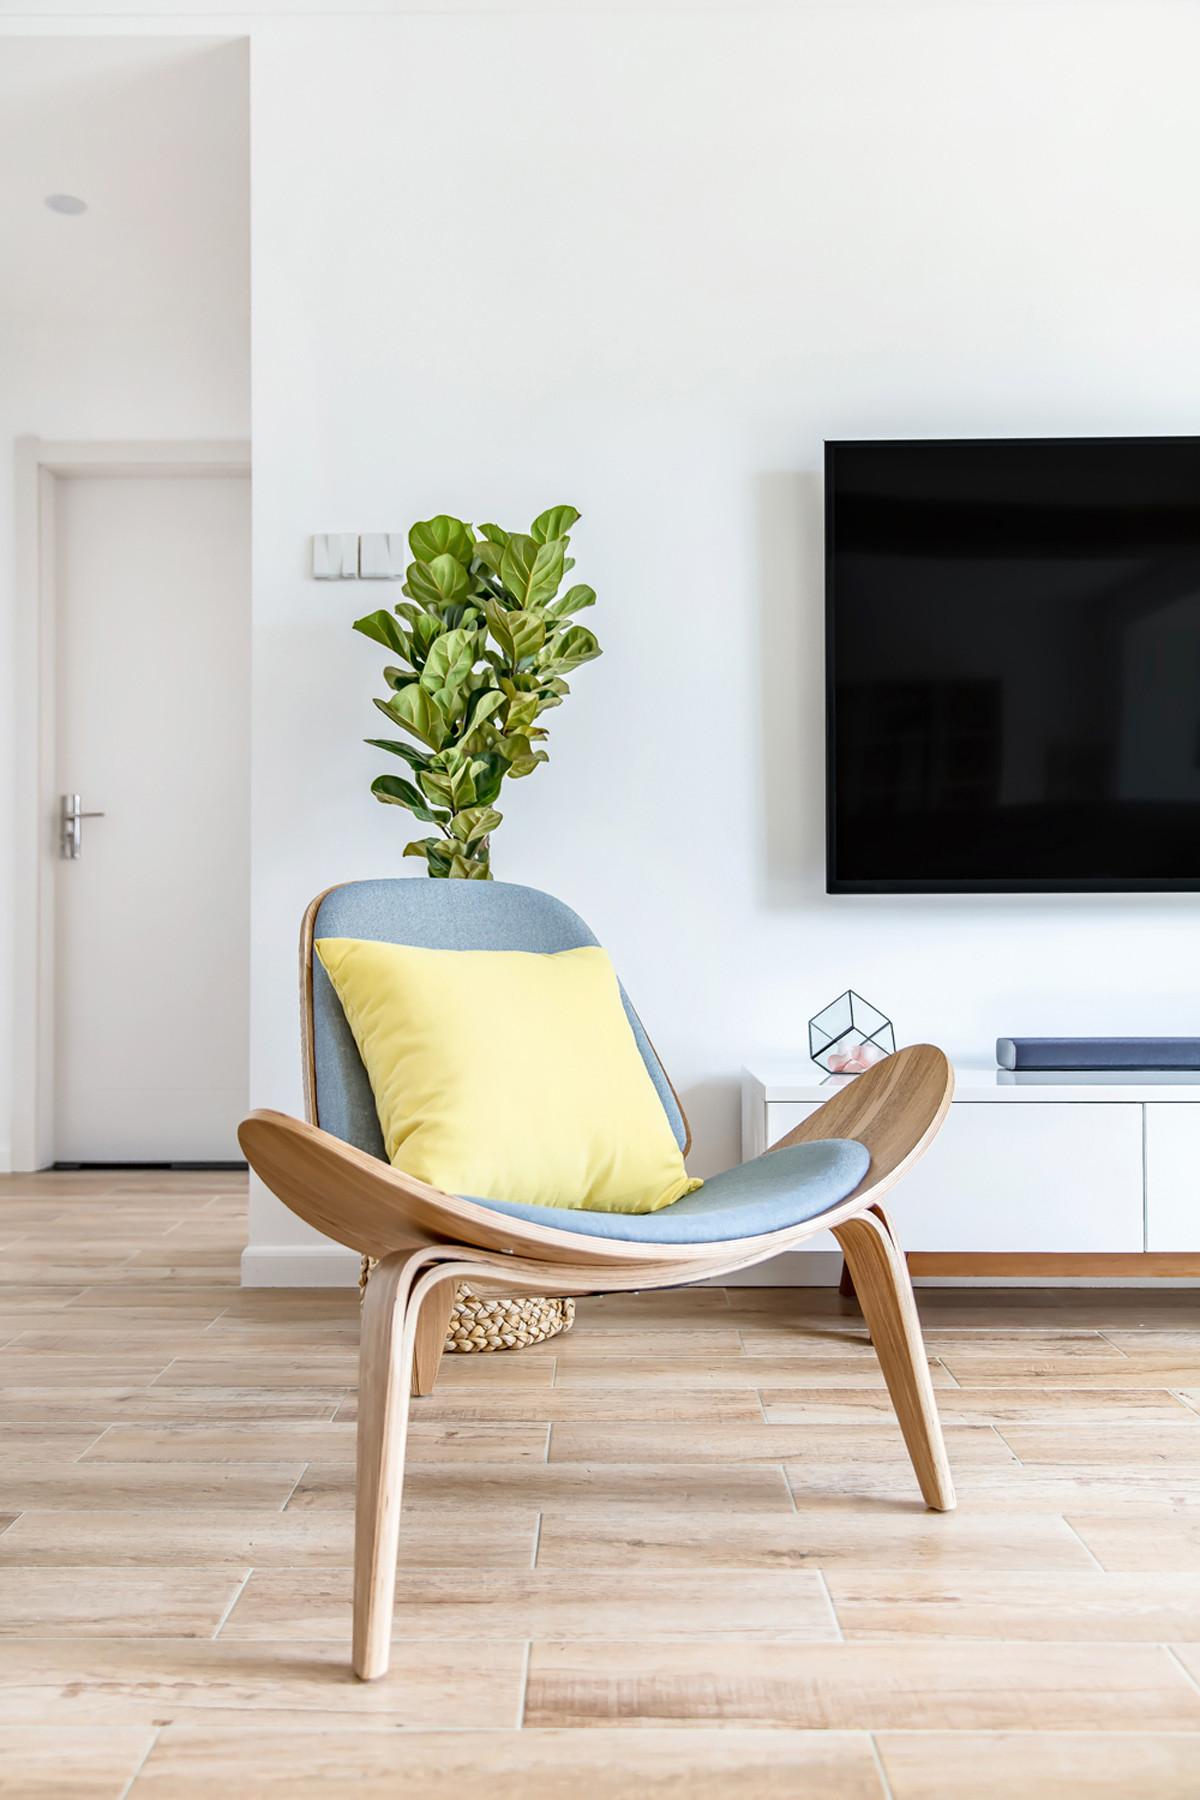 简约北欧风格三居室装修三角椅设计